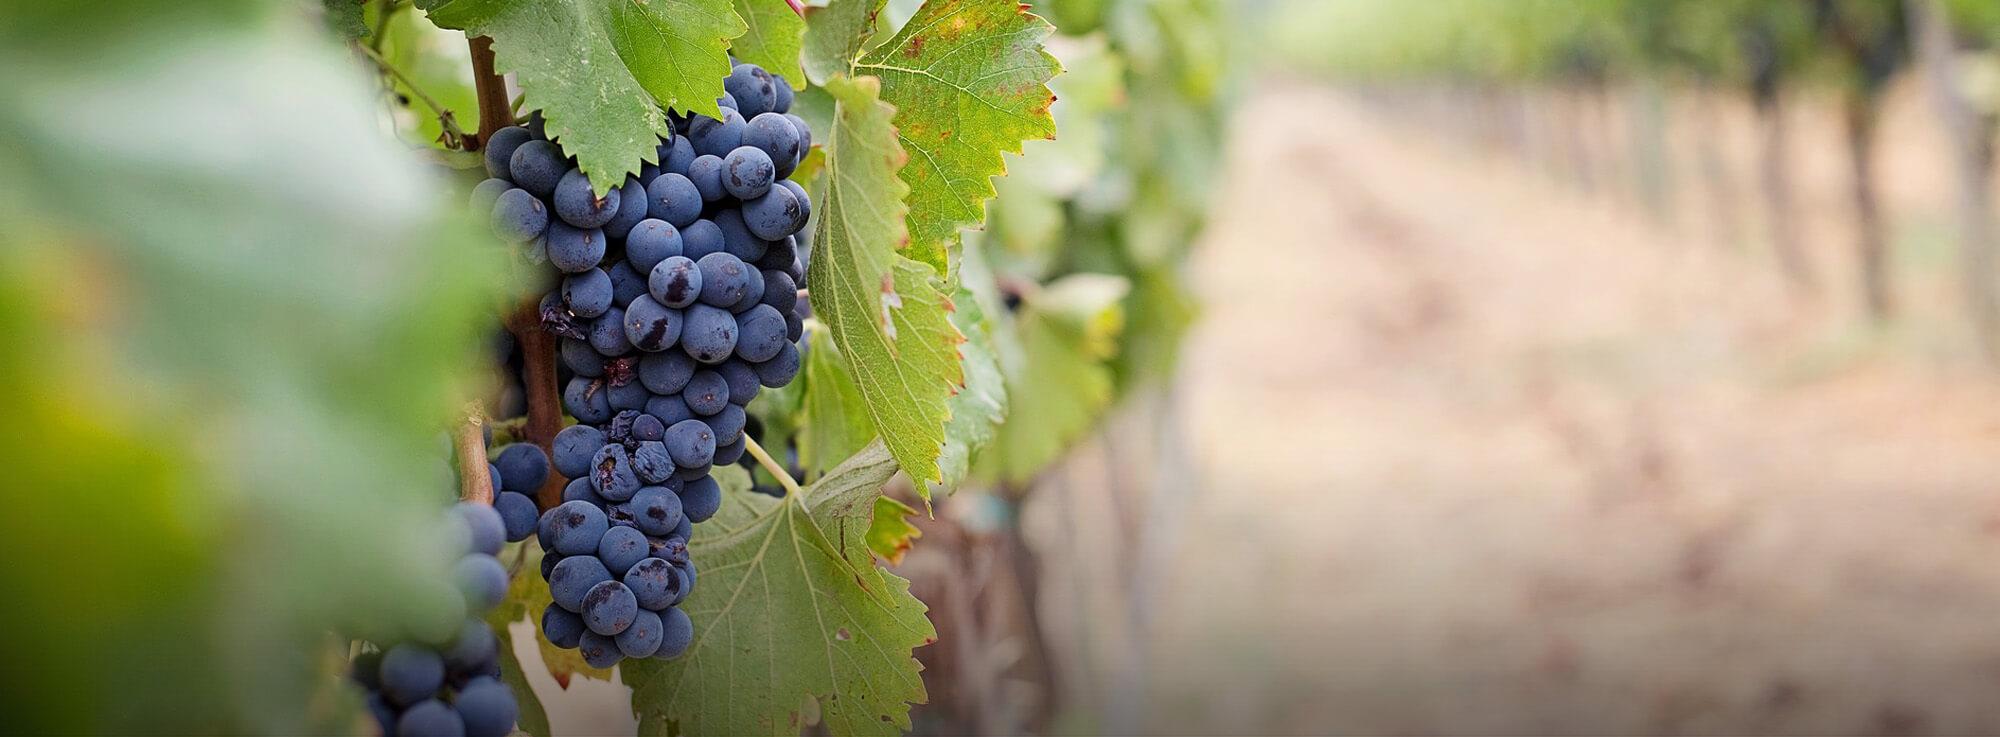 Ogni anno una nuova sfida: Vendemmia 2021 #wine